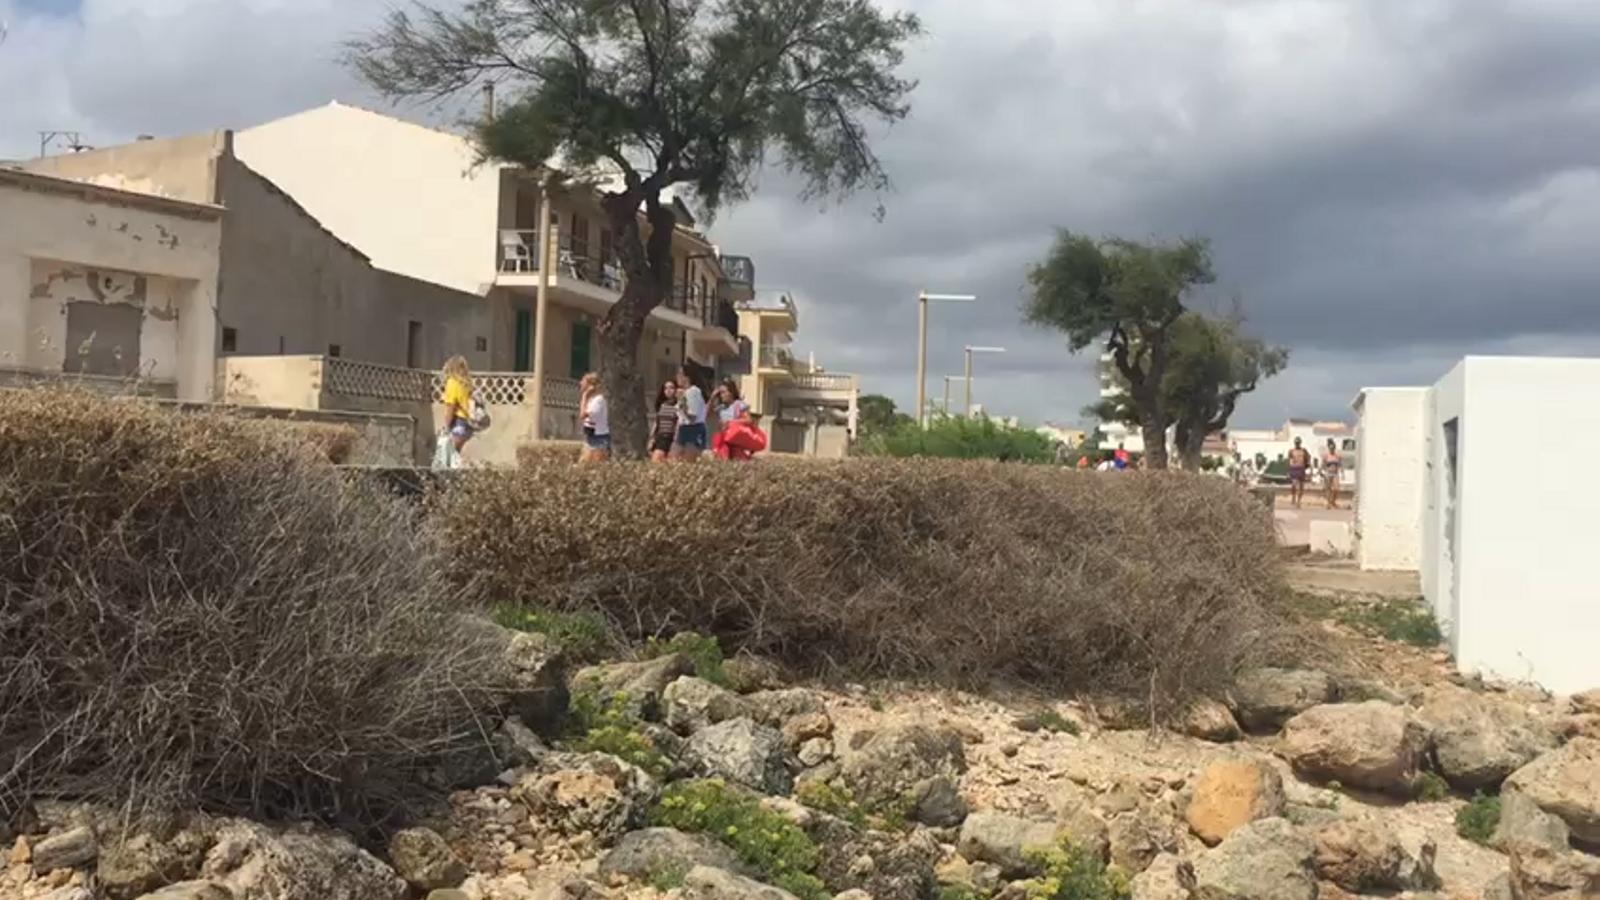 """Veïns de Can Picafort denuncien l'abocament d'aigües residuals al mar """"aprofitat el temporal"""""""